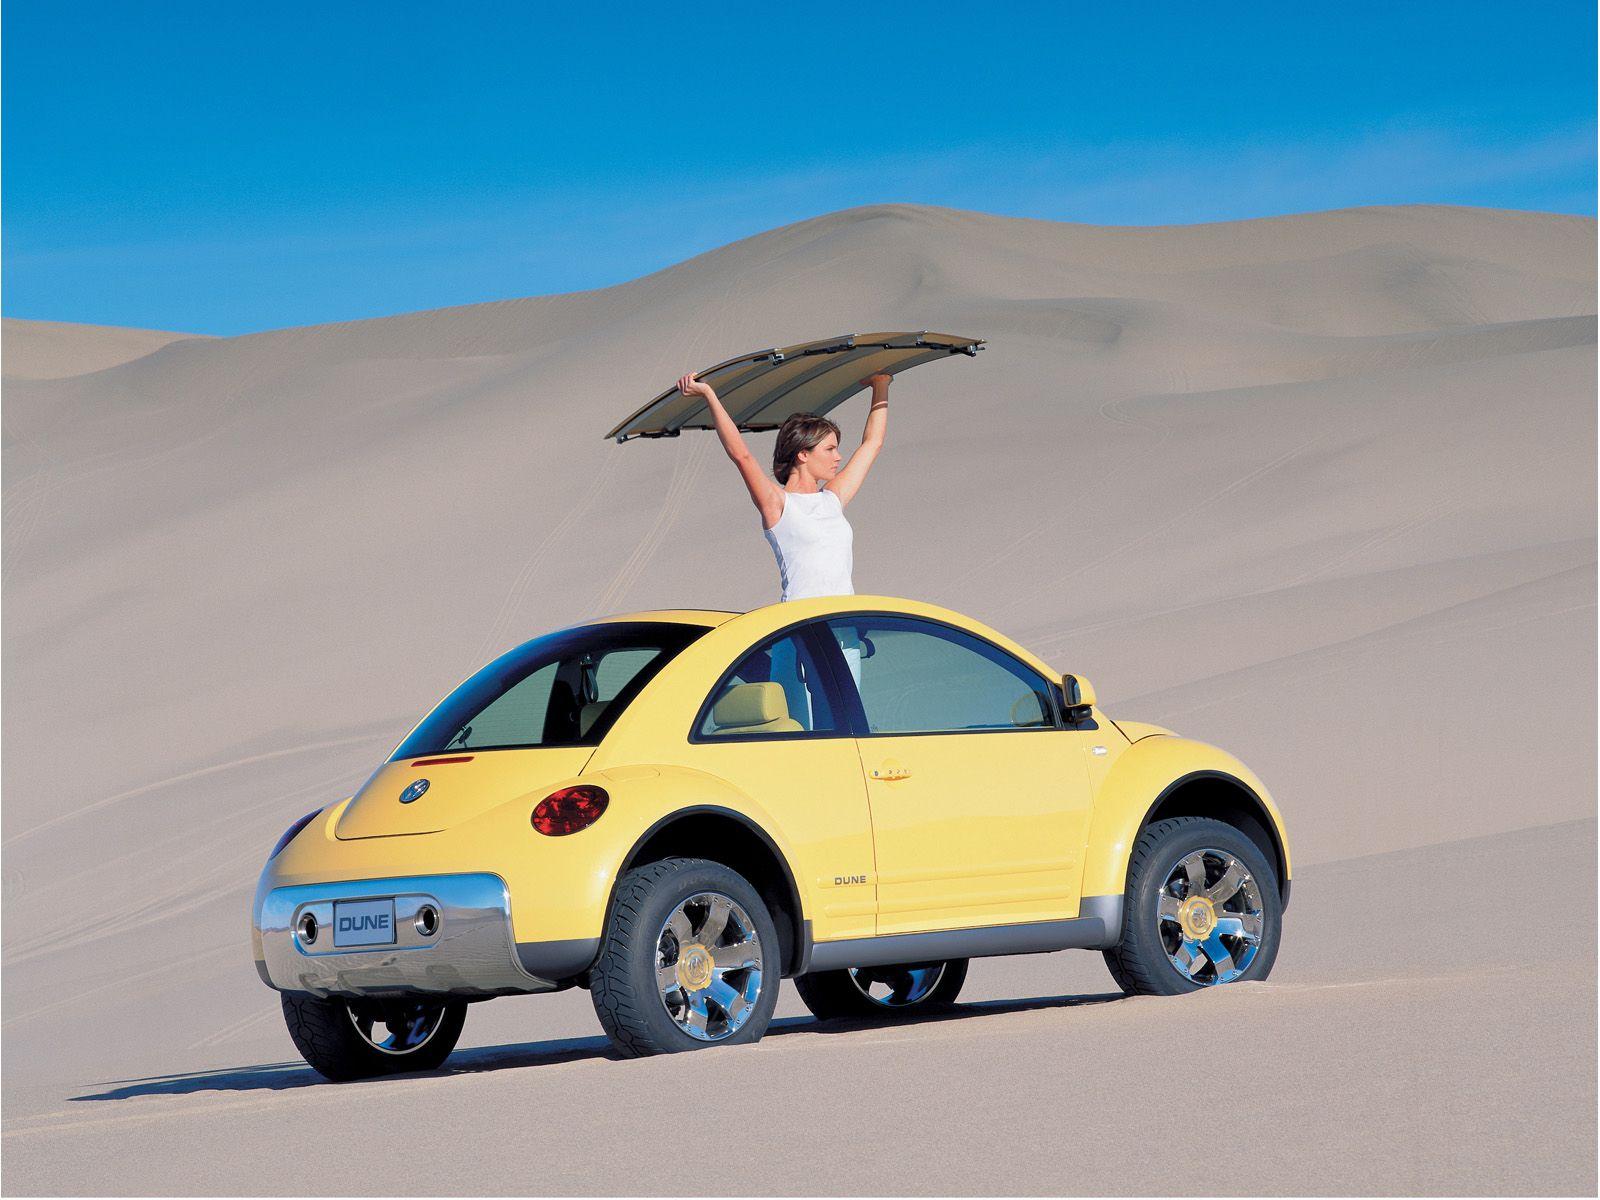 volkswagen new beetle dune picture 9726 volkswagen photo gallery. Black Bedroom Furniture Sets. Home Design Ideas